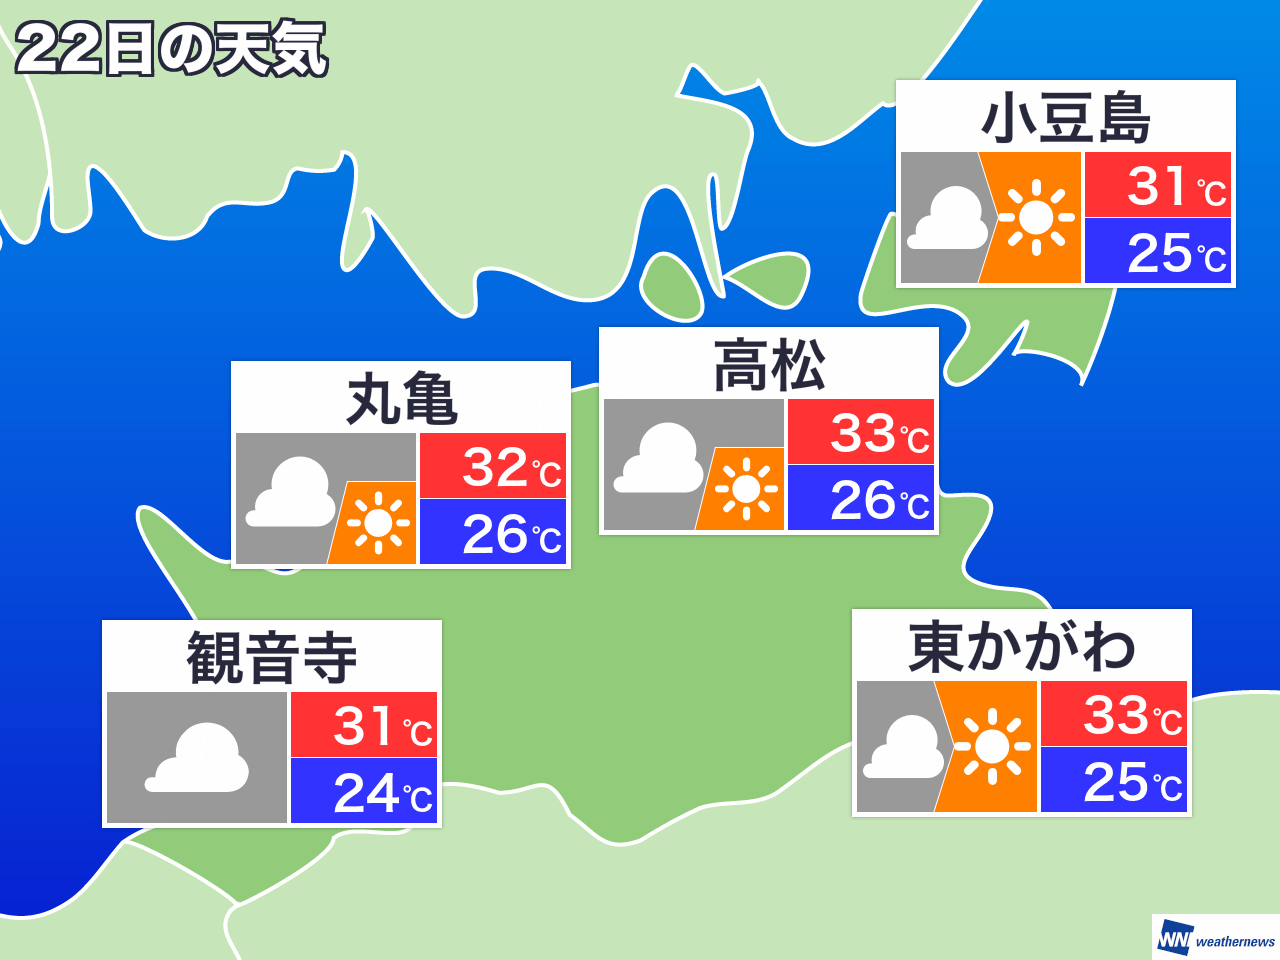 高松 天気 10 日間 2週間天気(旧:10日間天気) -